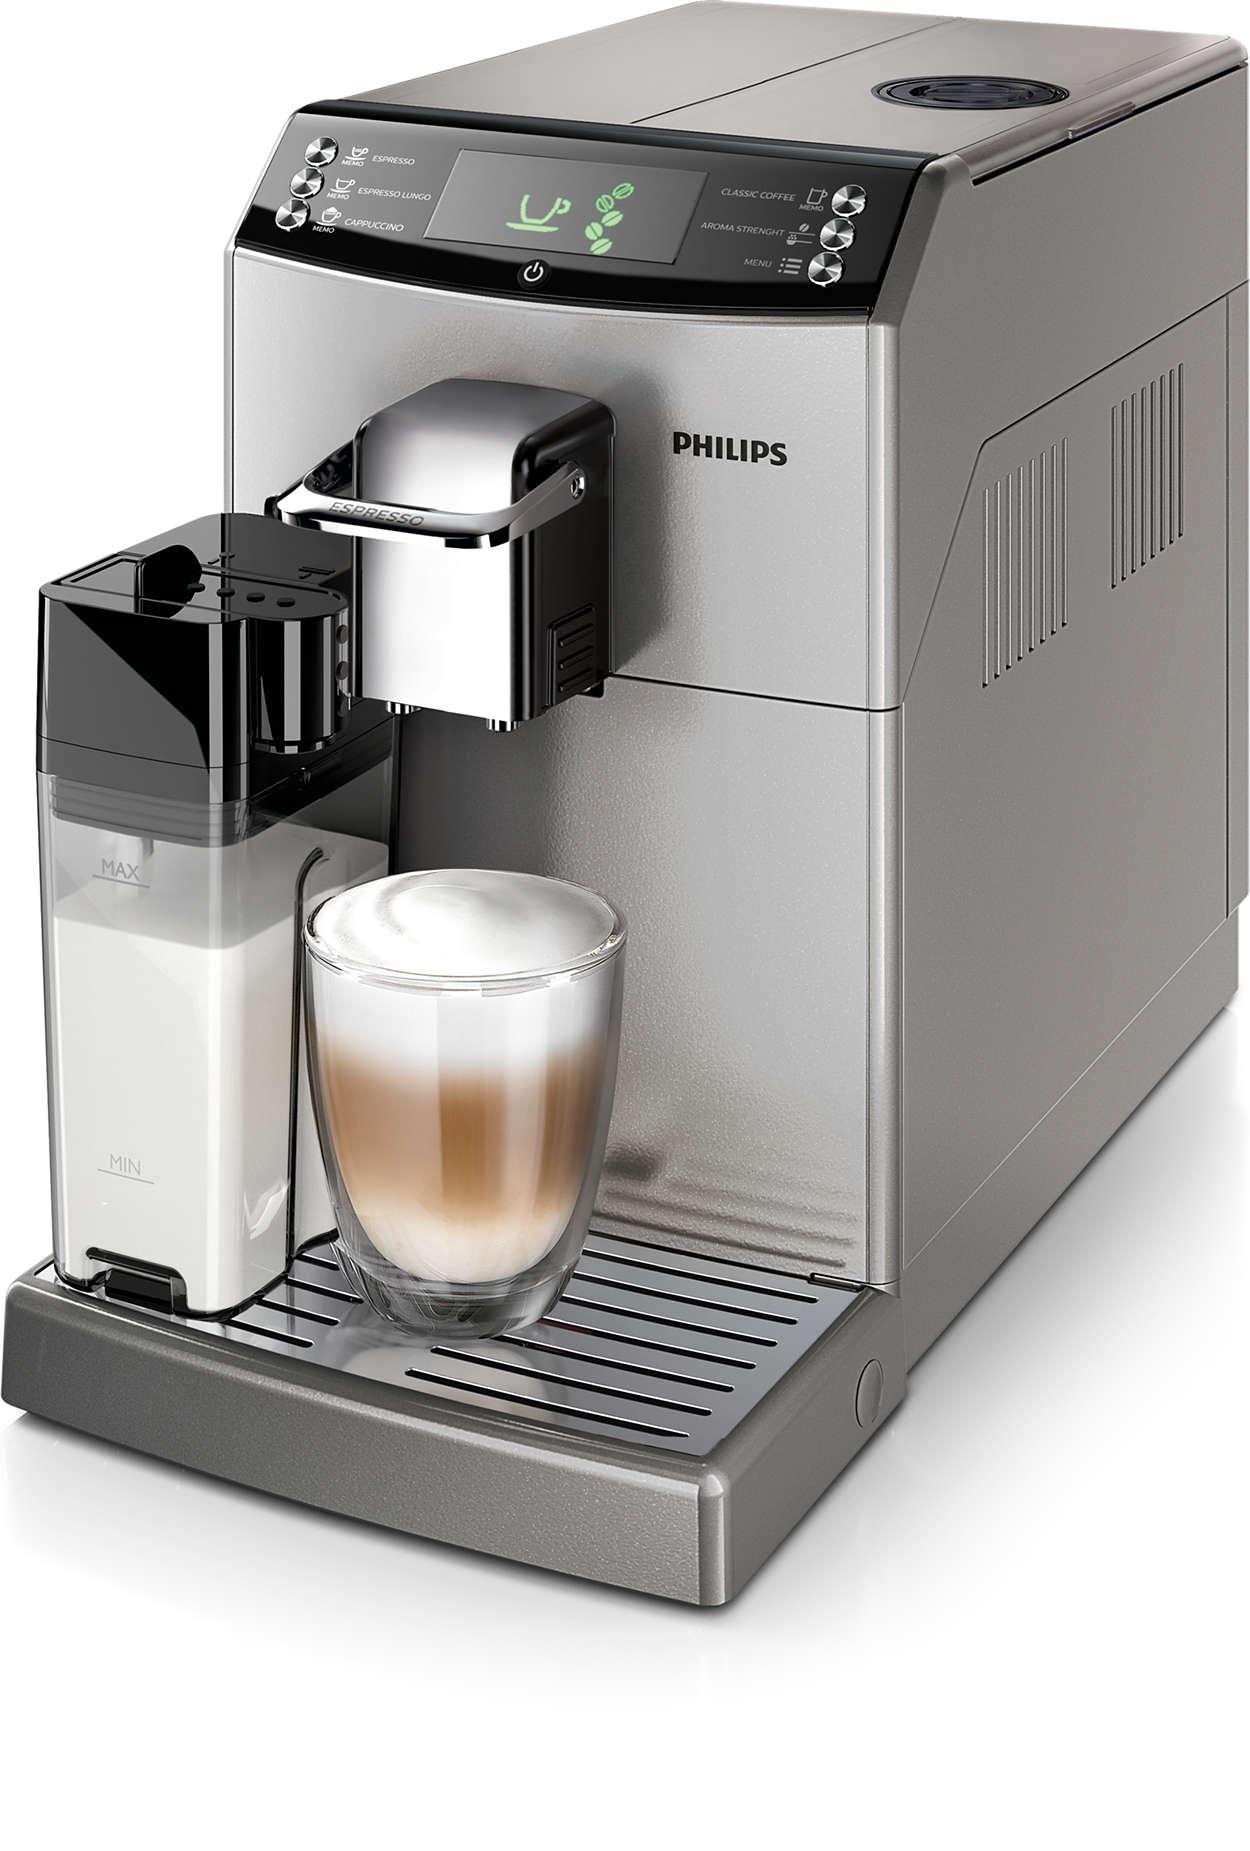 Hervorragender Espresso und sanfter Kaffee mit echtem Geschmack